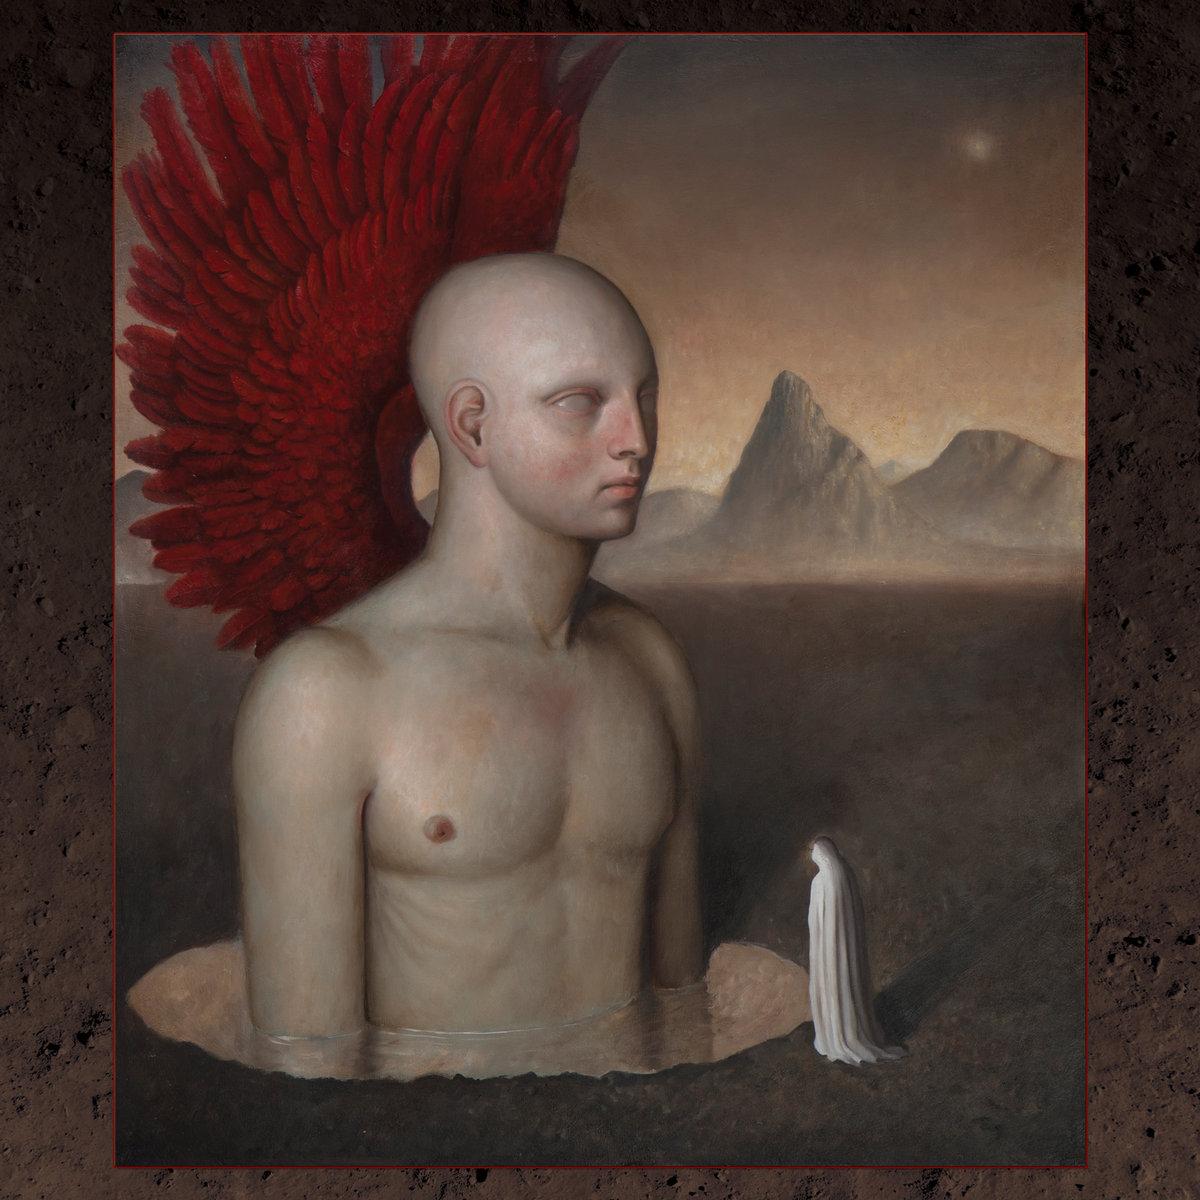 Spectral Lore Ετερόφωτος Album Cover Artwork Alessandro Sicioldr